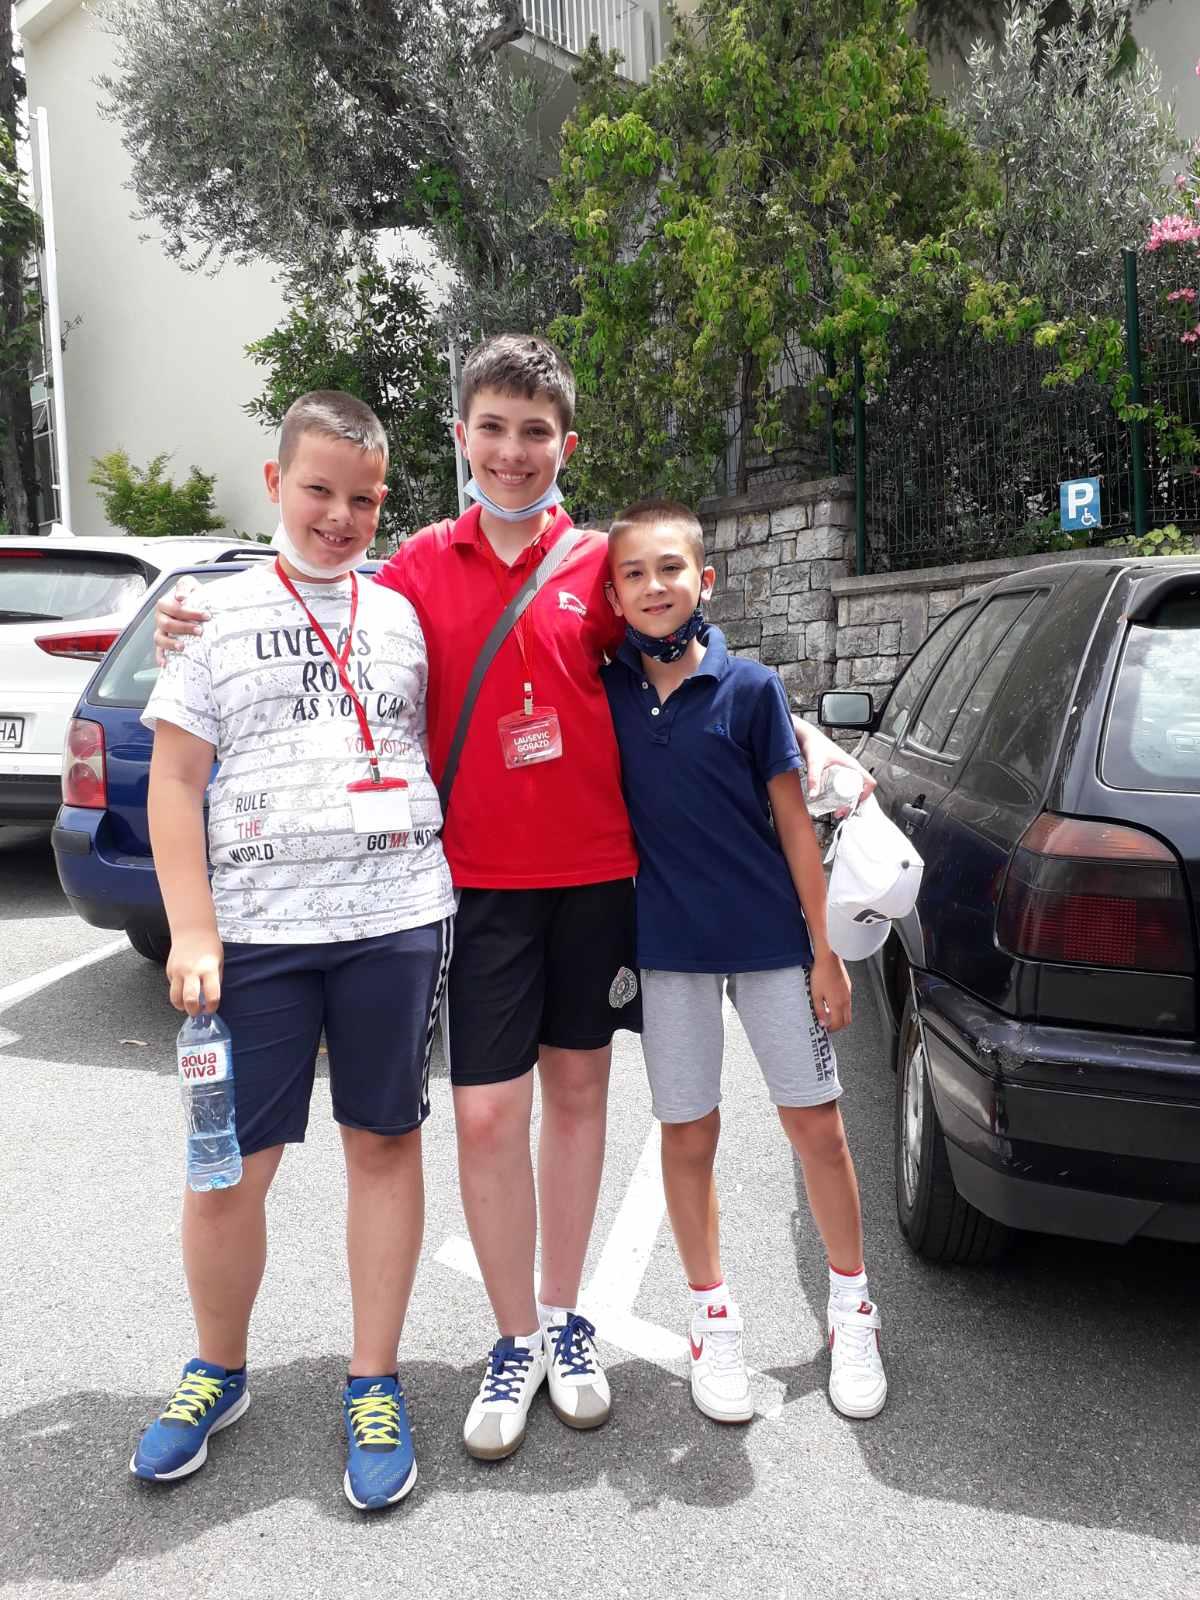 Uspješno članovi pv šahovskog kluba na takmičenju u Petrovcu